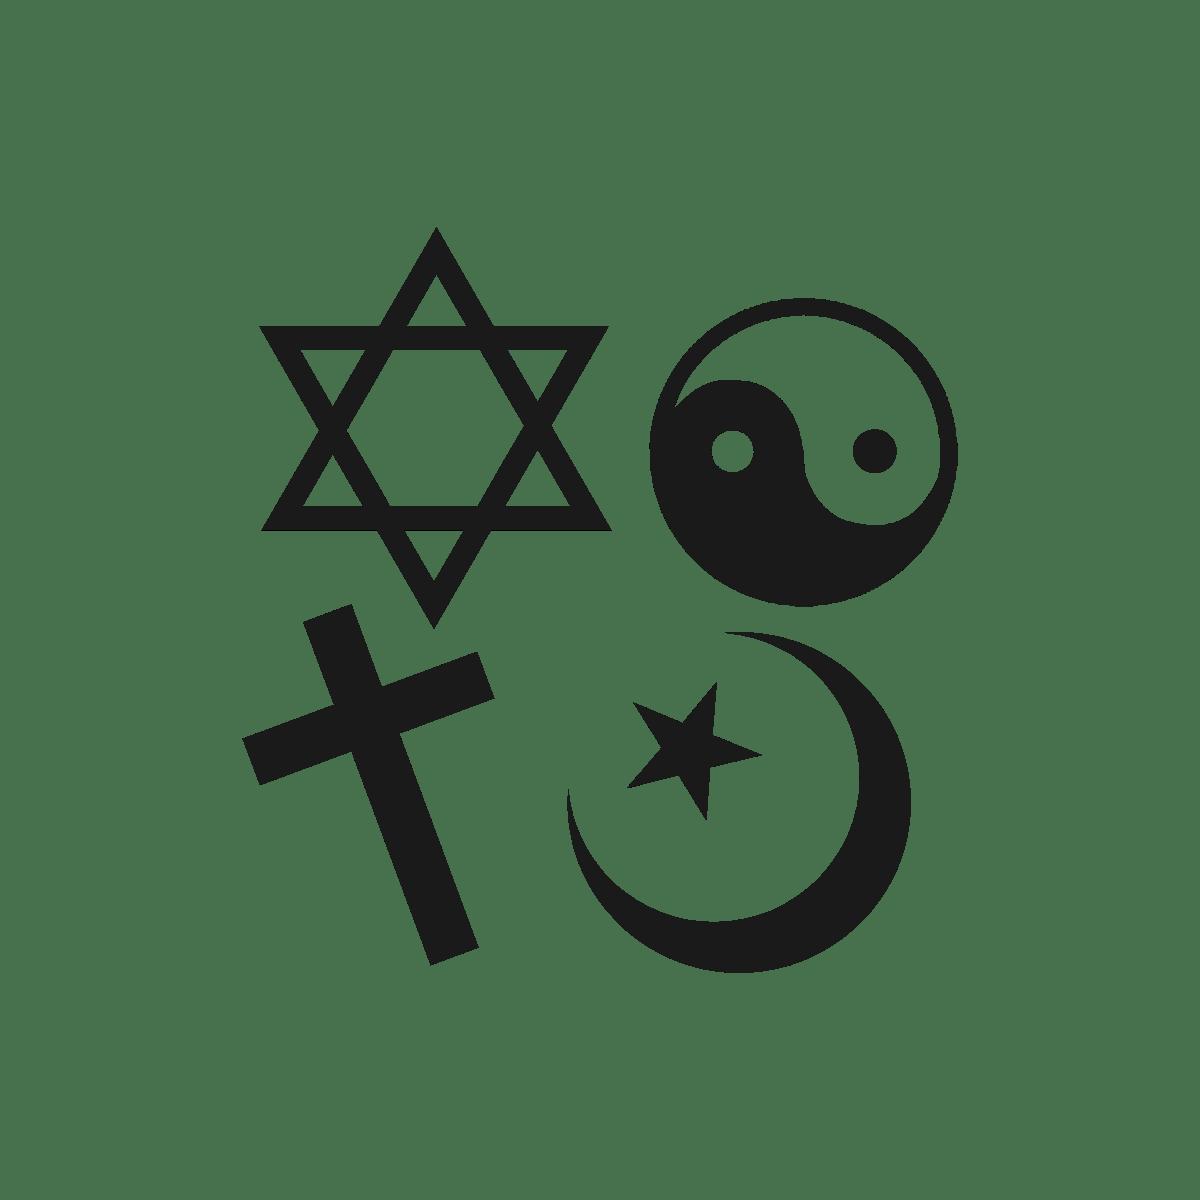 Religious / Spiritual